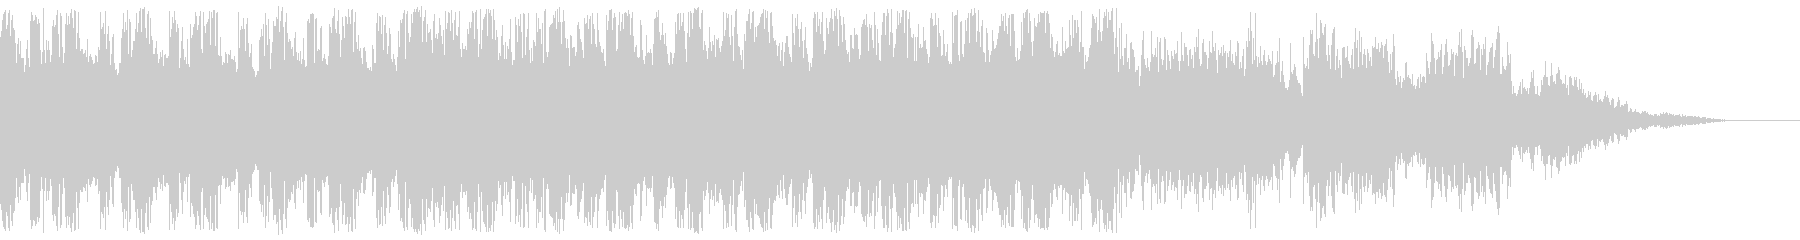 近未来的、クールなデジタルサウンドの未再生の波形